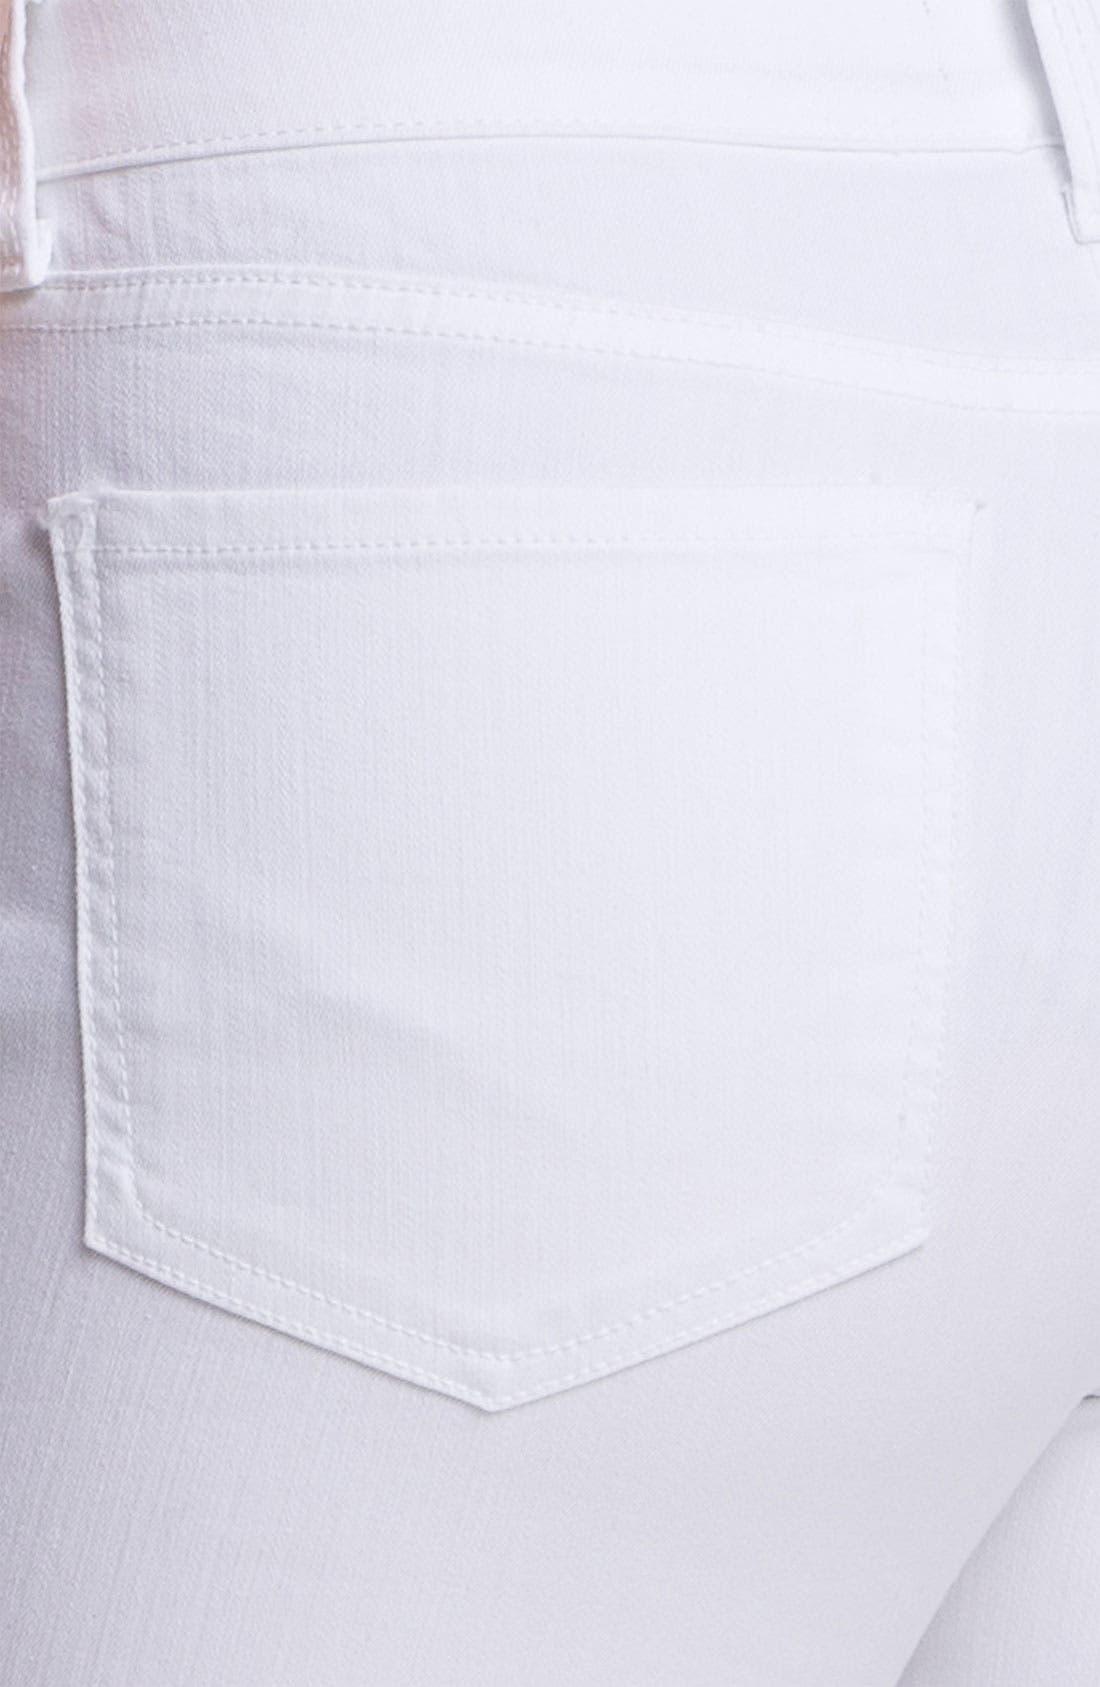 Alternate Image 3  - NYDJ 'Fiona' Roll Cuff Crop Stretch Jeans